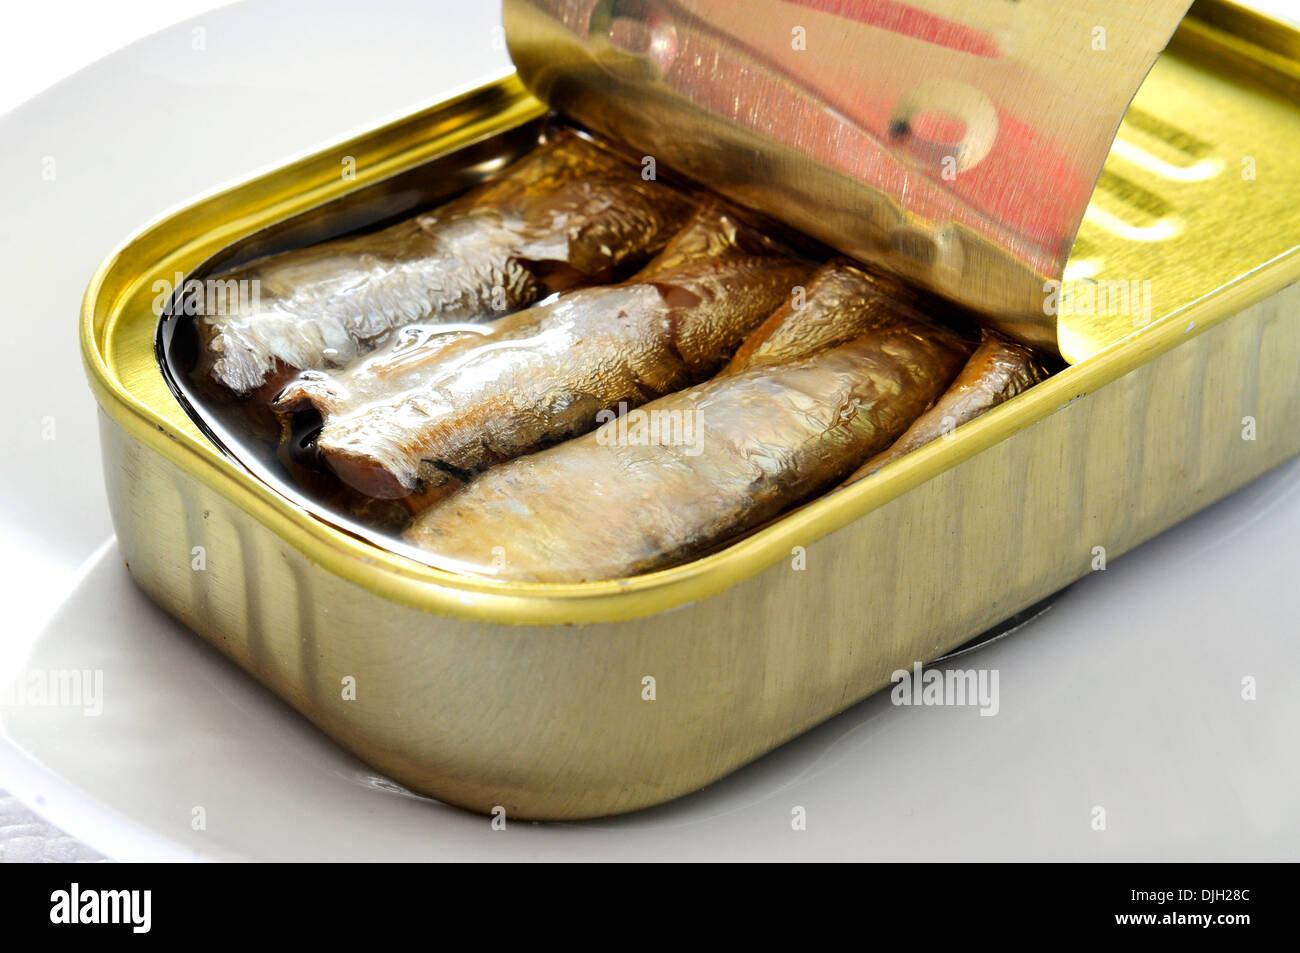 Libre d'un peut de sardines dans un plat Photo Stock